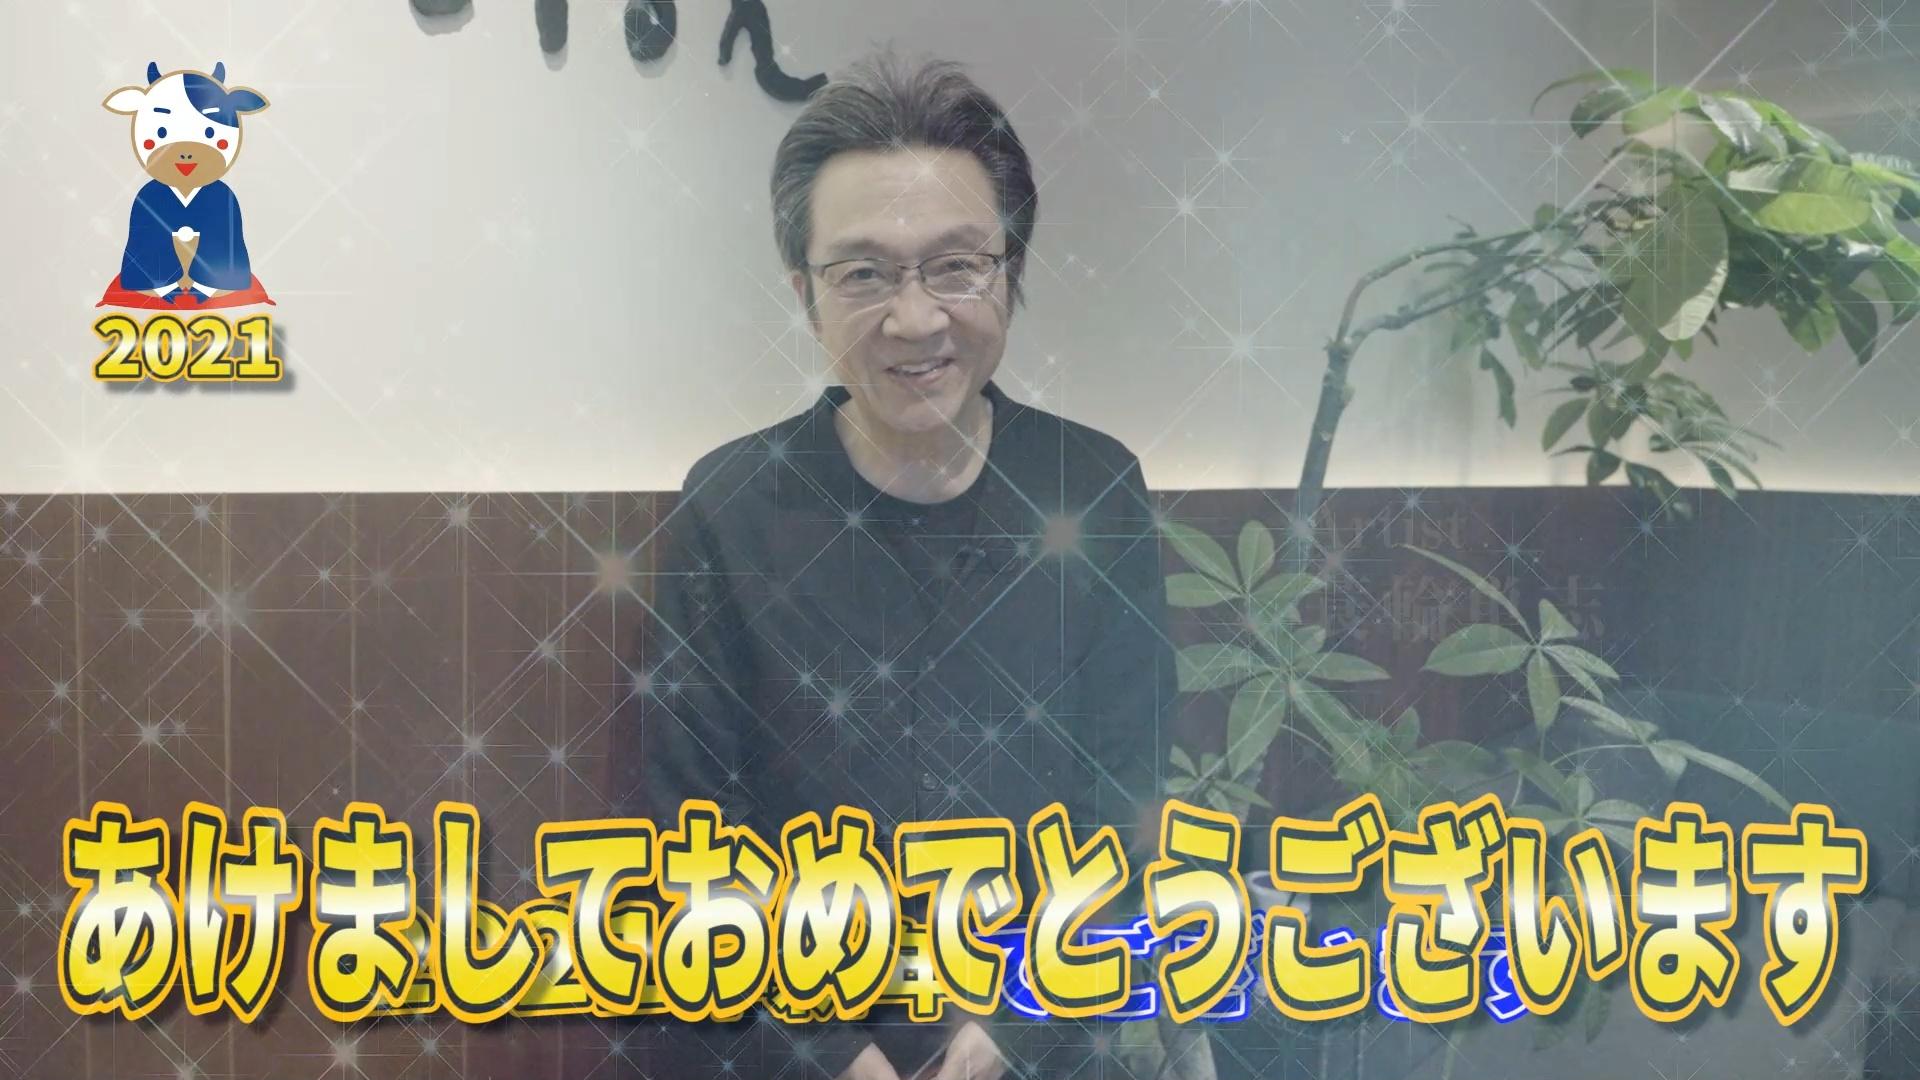 新春のご挨拶 蓑輪単志編